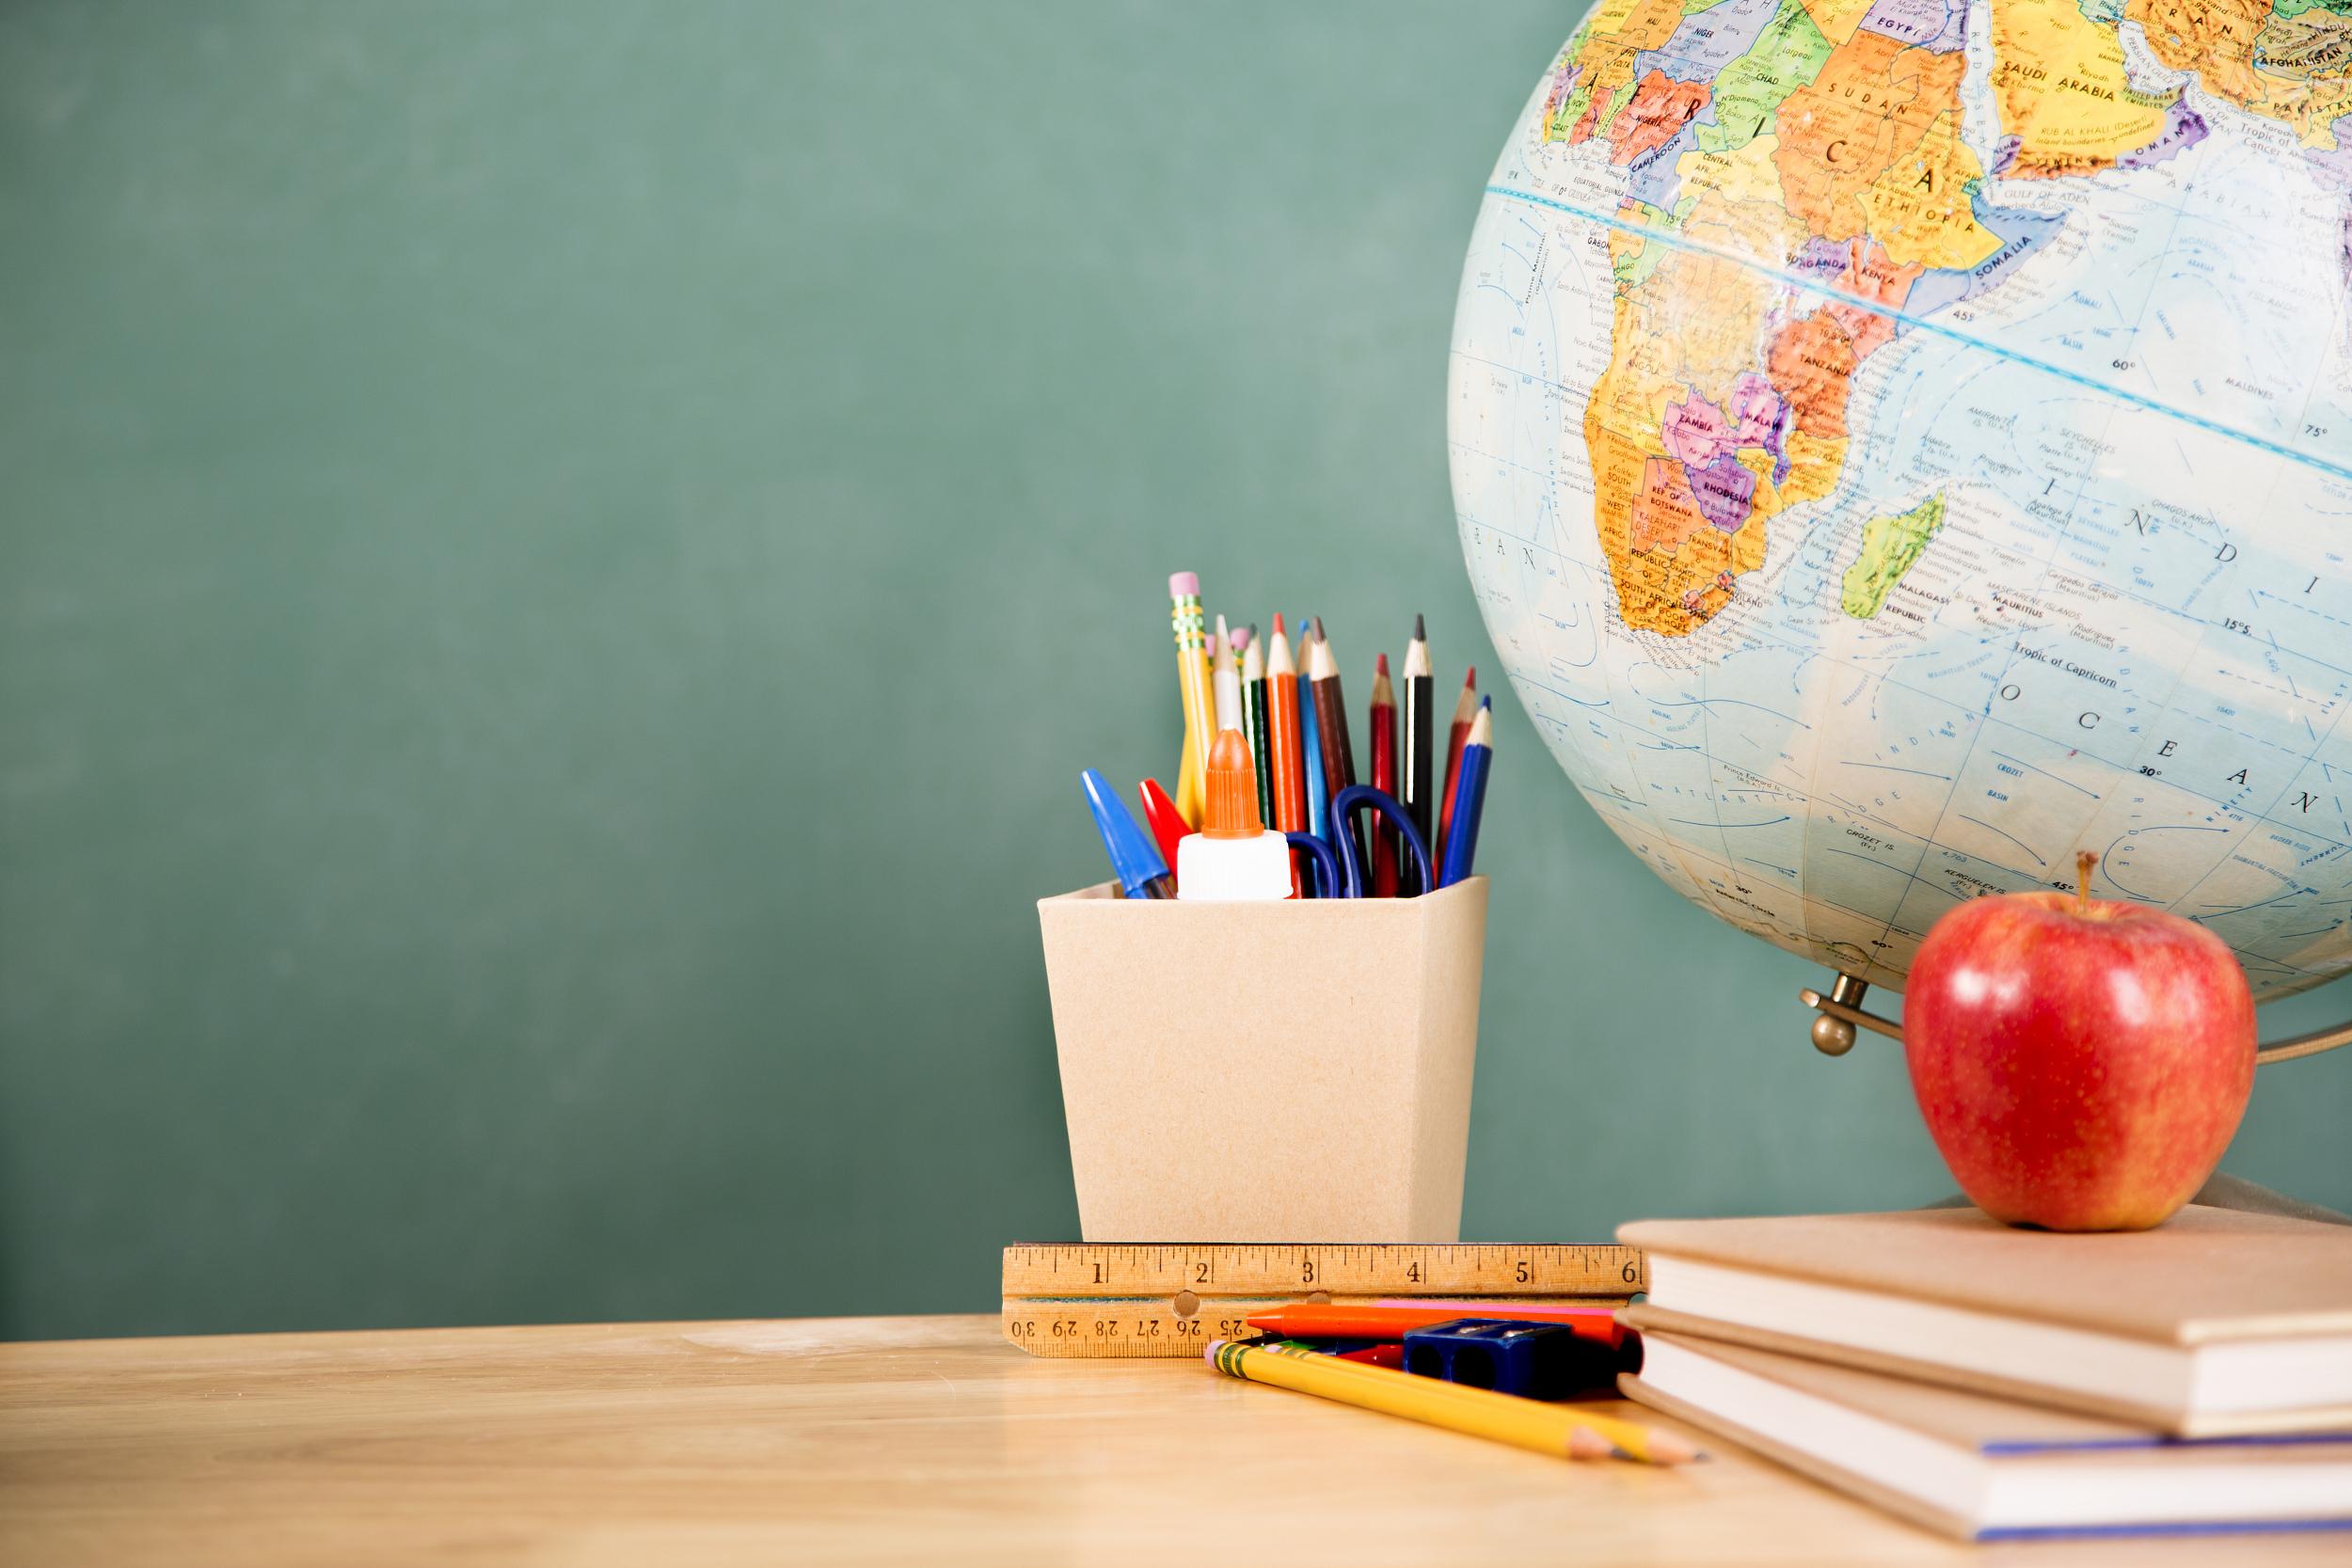 高考志愿填报在即,教育部将严厉打击违规填报咨询活动